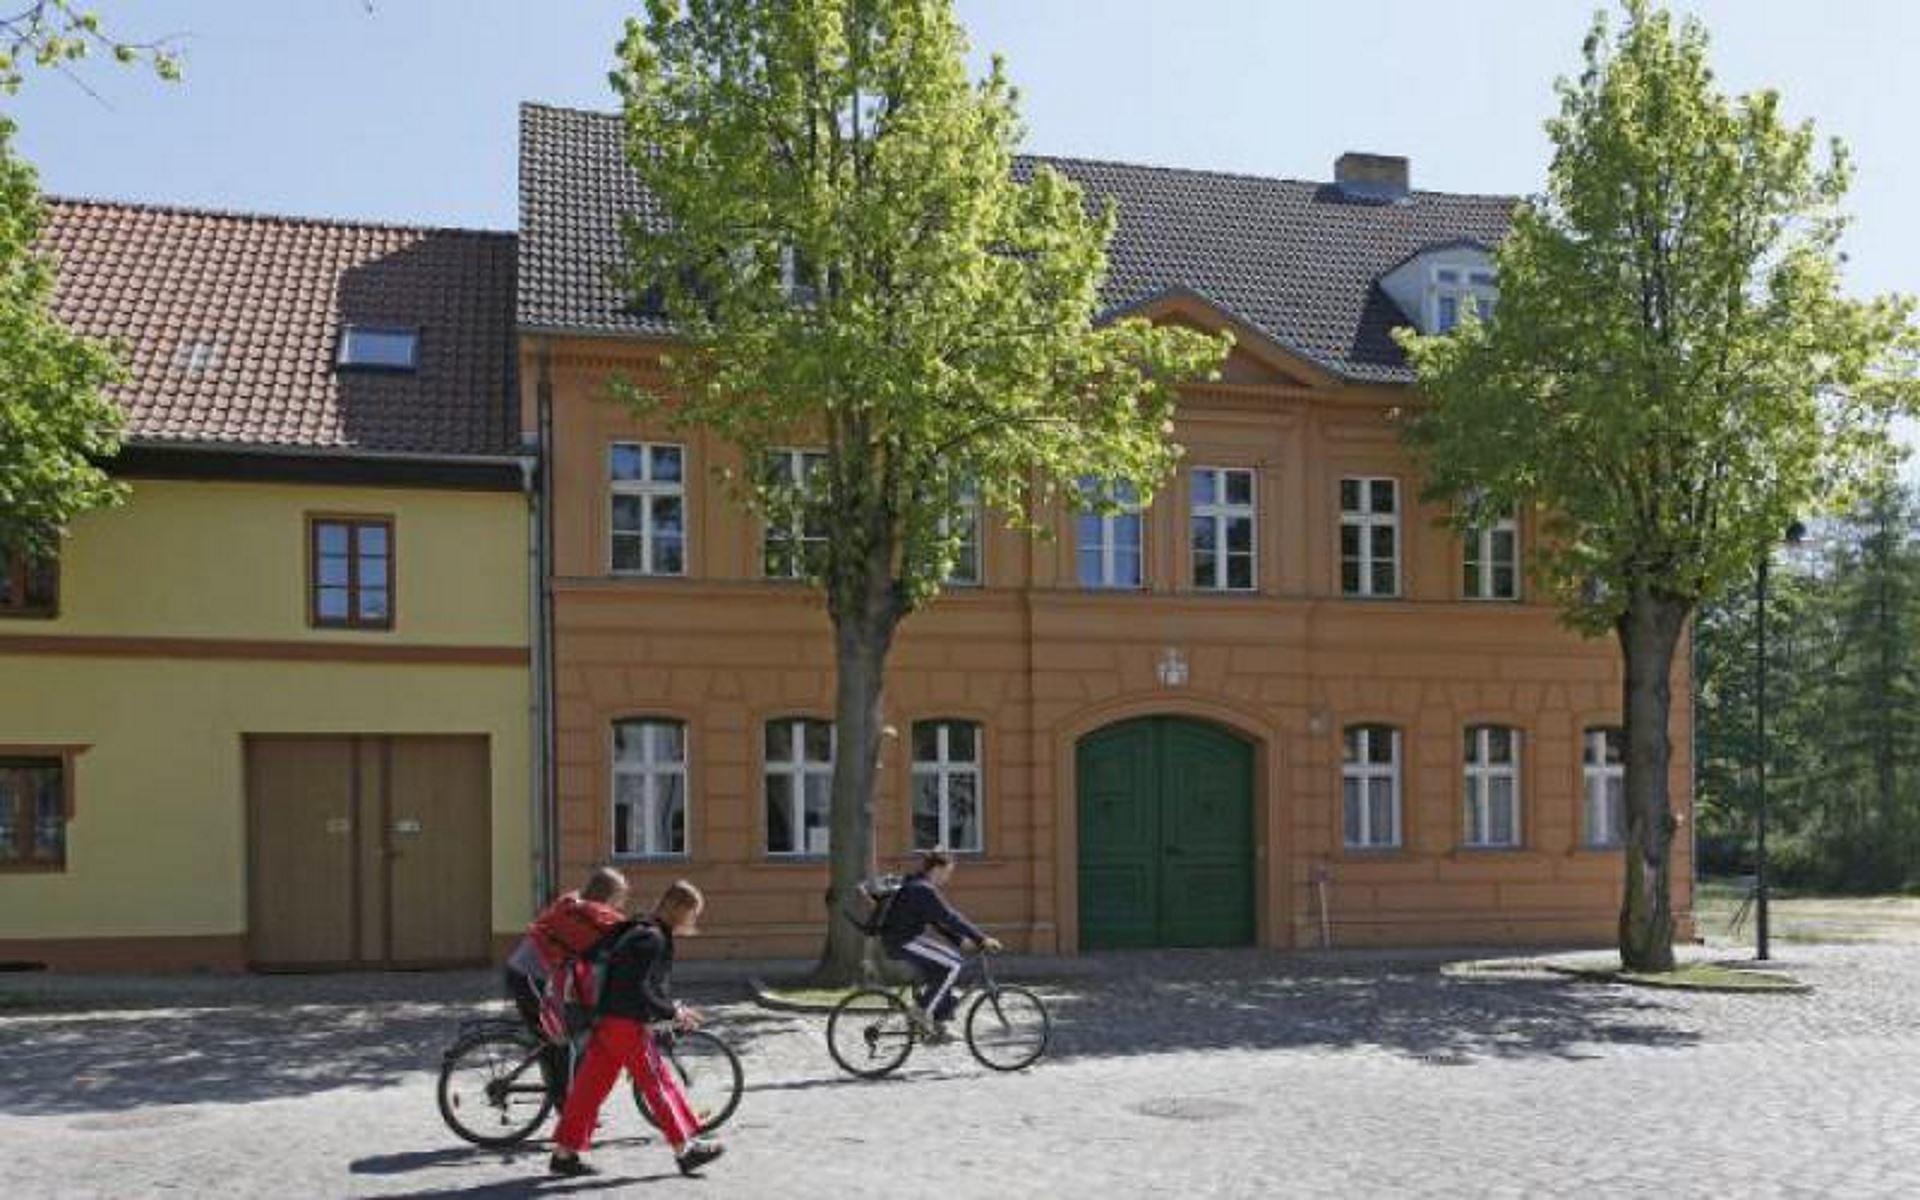 Tagestour 8 In Die Historischen Stadtkerne Altlandsberg Bad